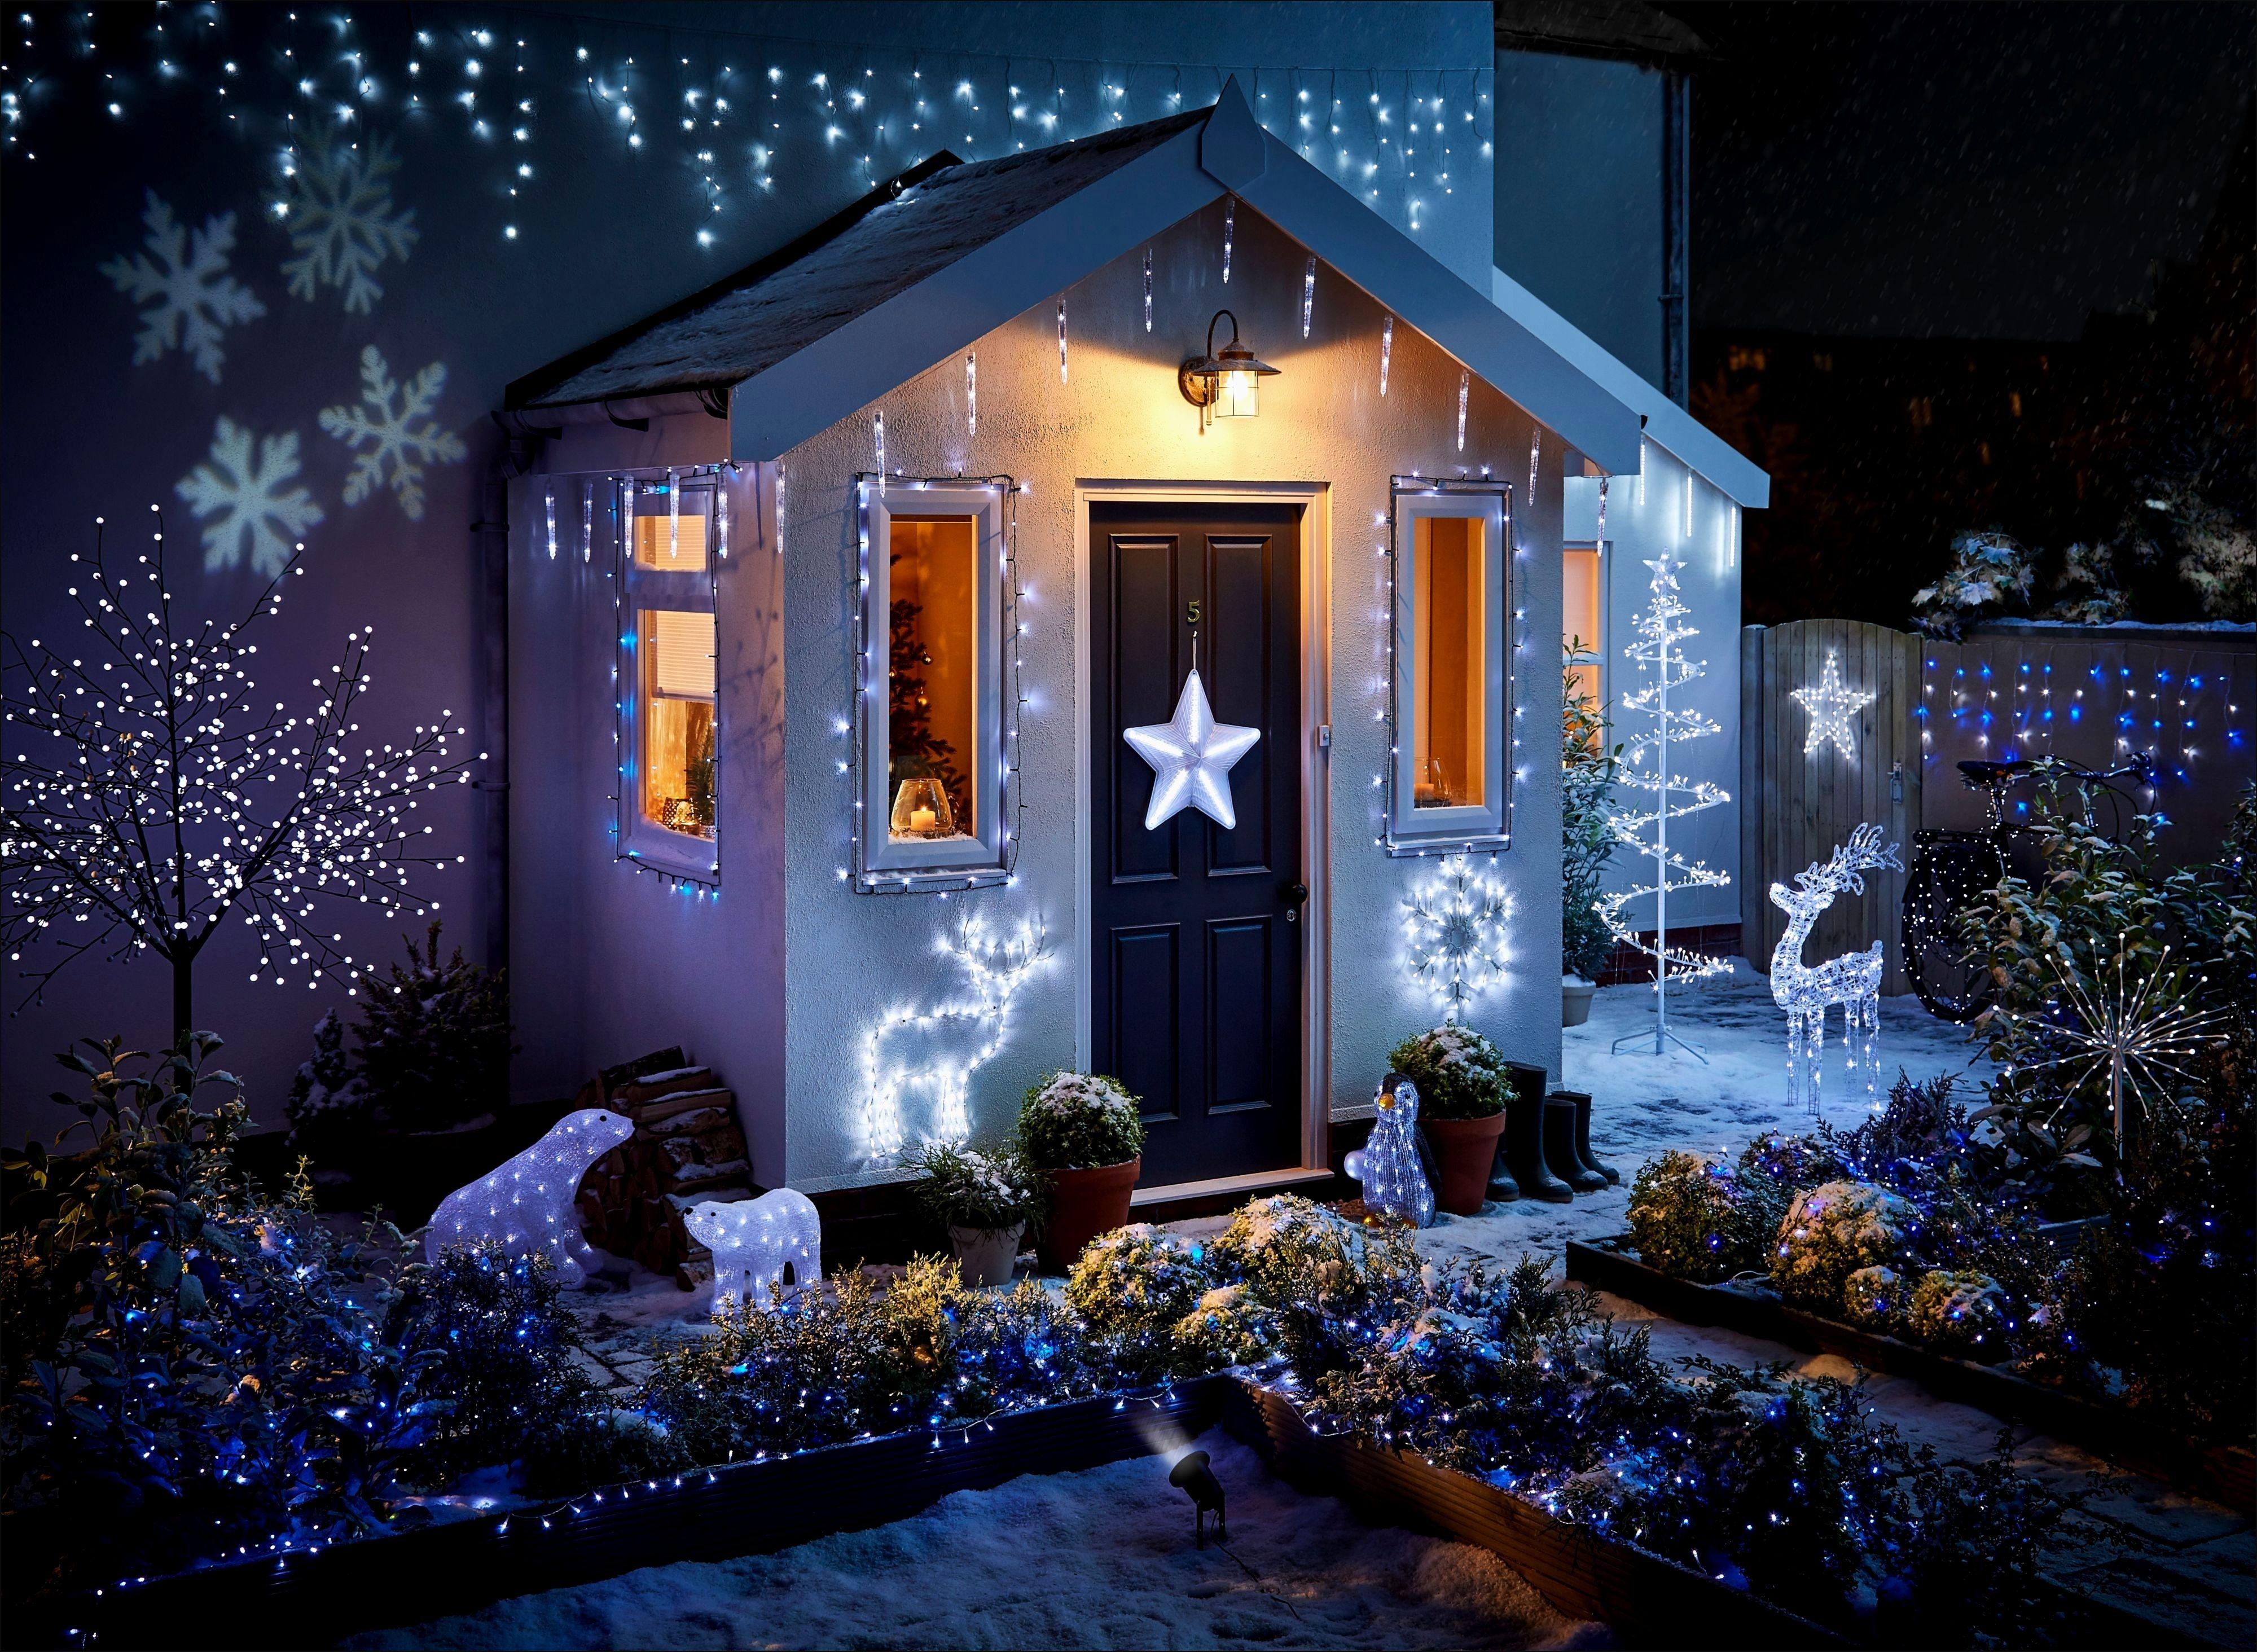 Weihnachtsbeleuchtung Kaufen.15 Sammlung Von Hängenden Outdoor Weihnachtsbeleuchtung Ohne Nägel